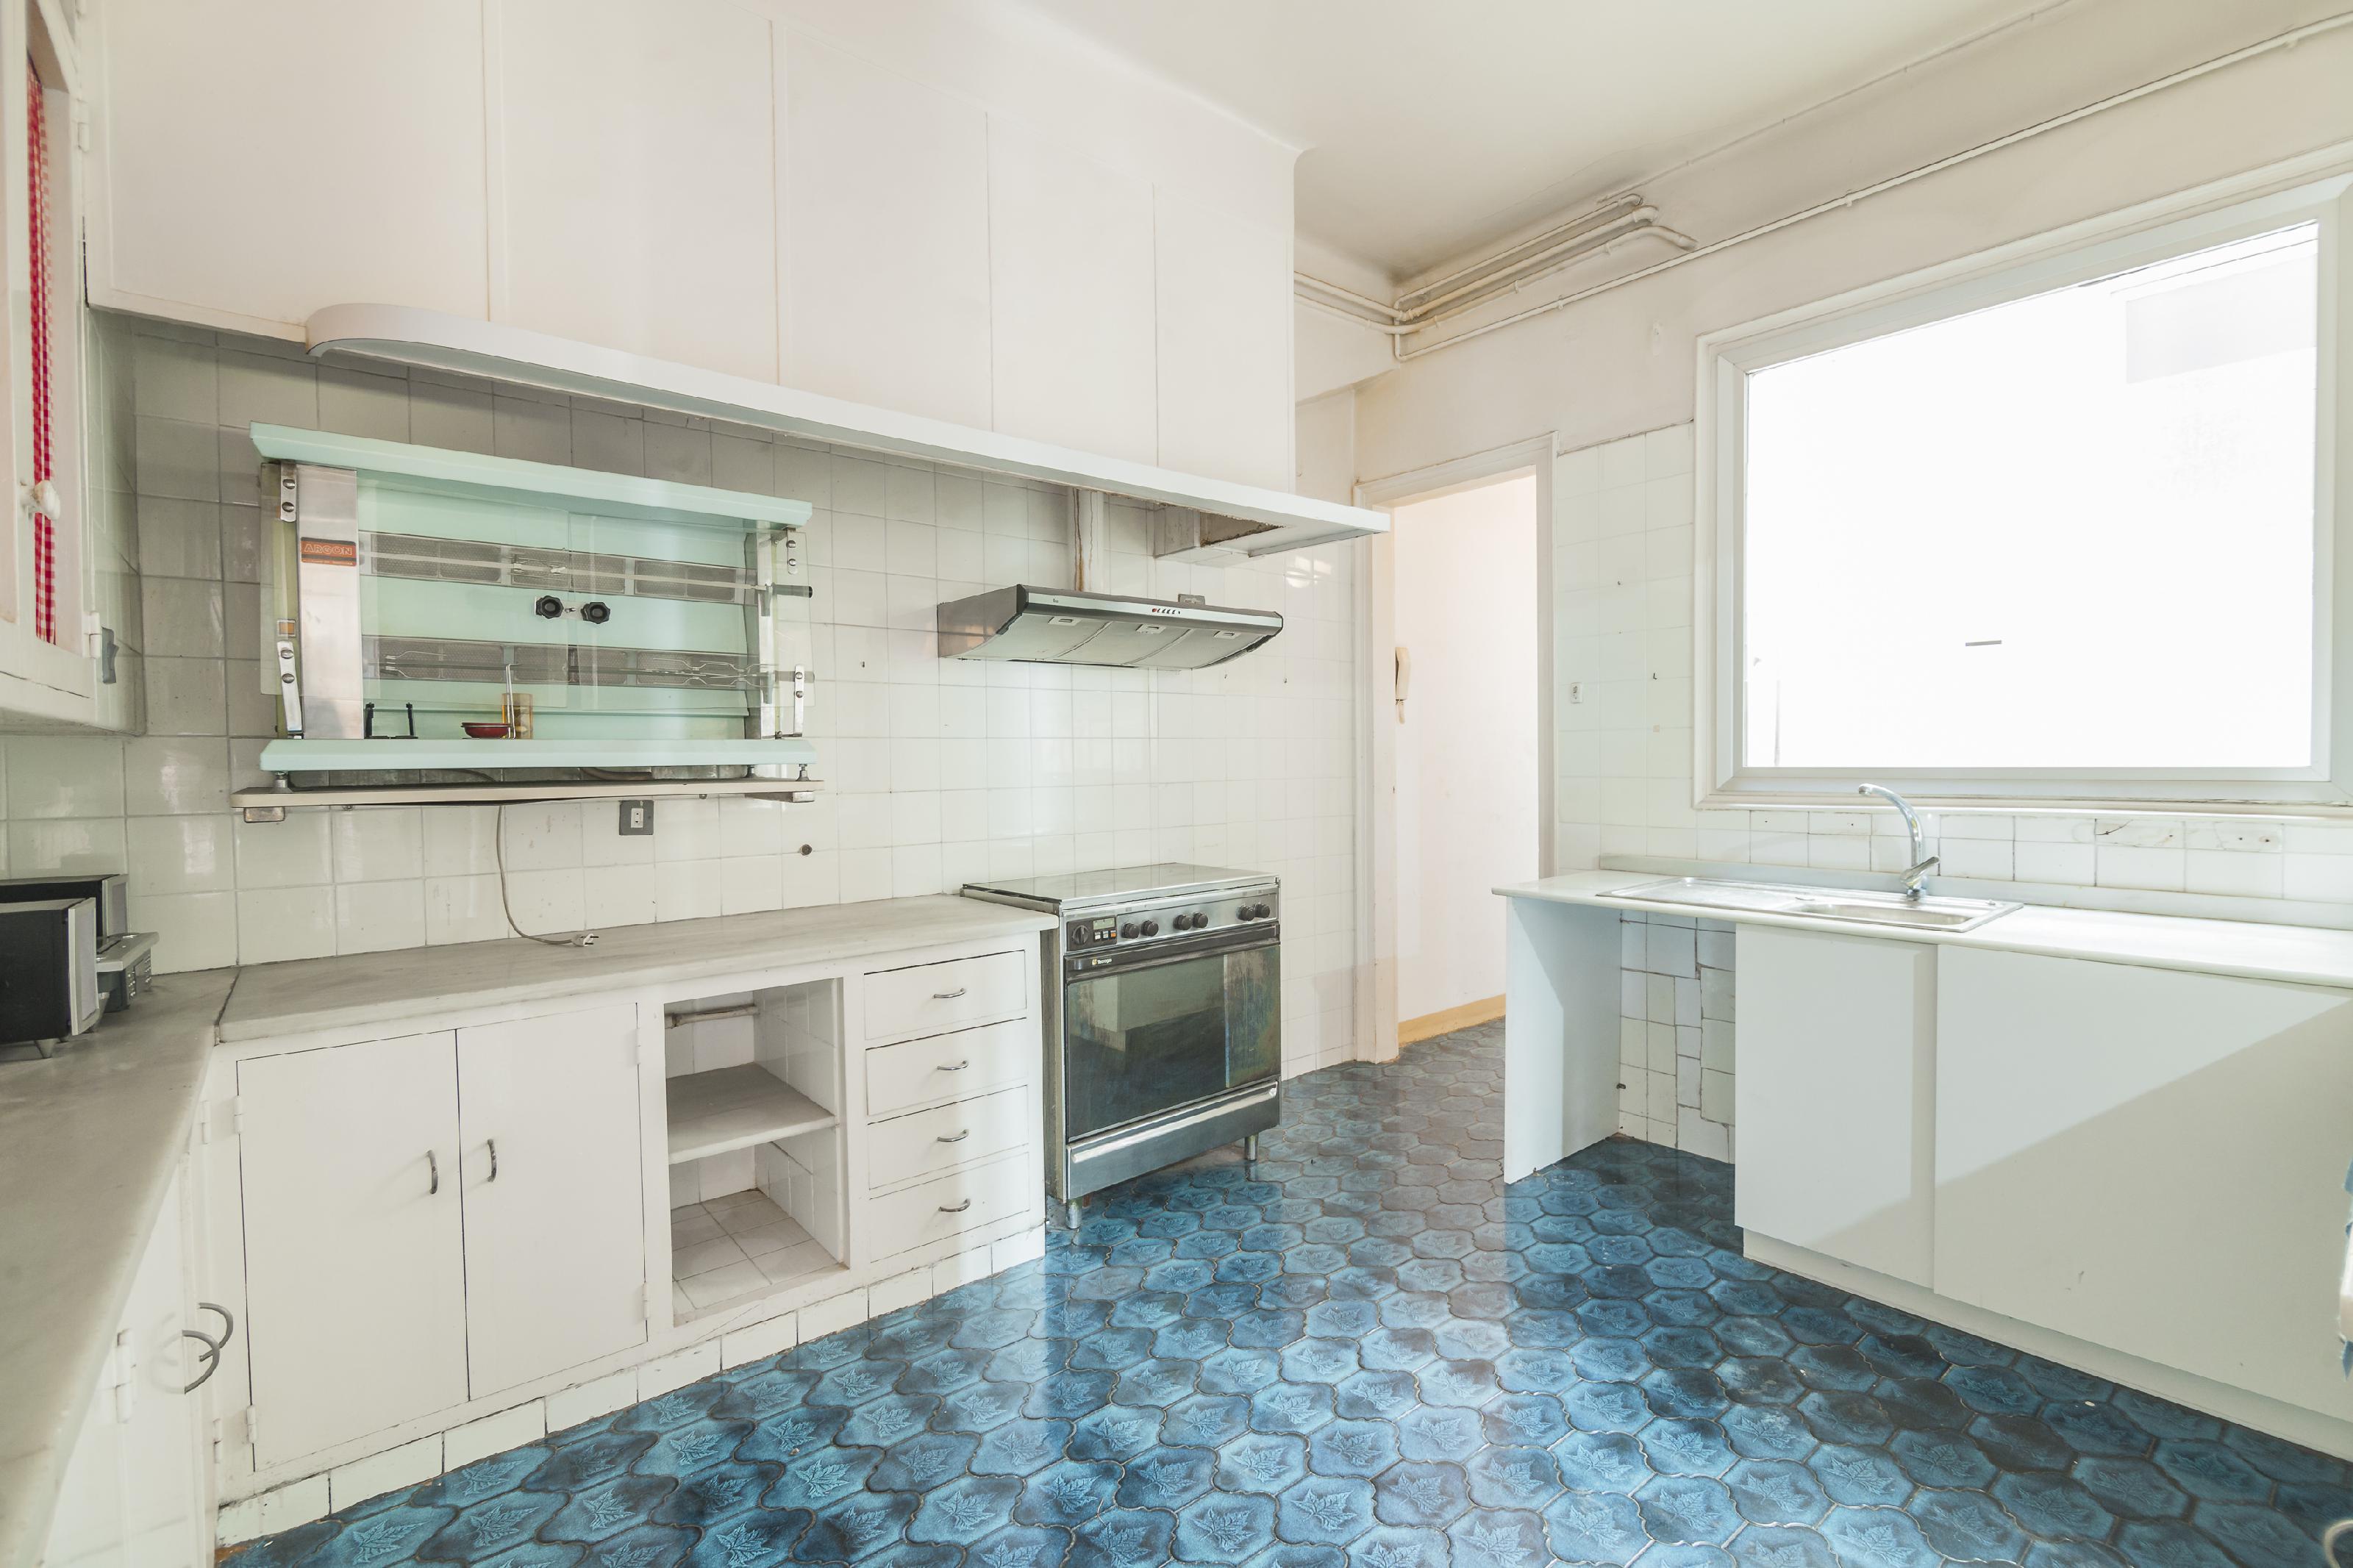 246643 Penthouse for sale in Sarrià-Sant Gervasi, St. Gervasi-Bonanova 19